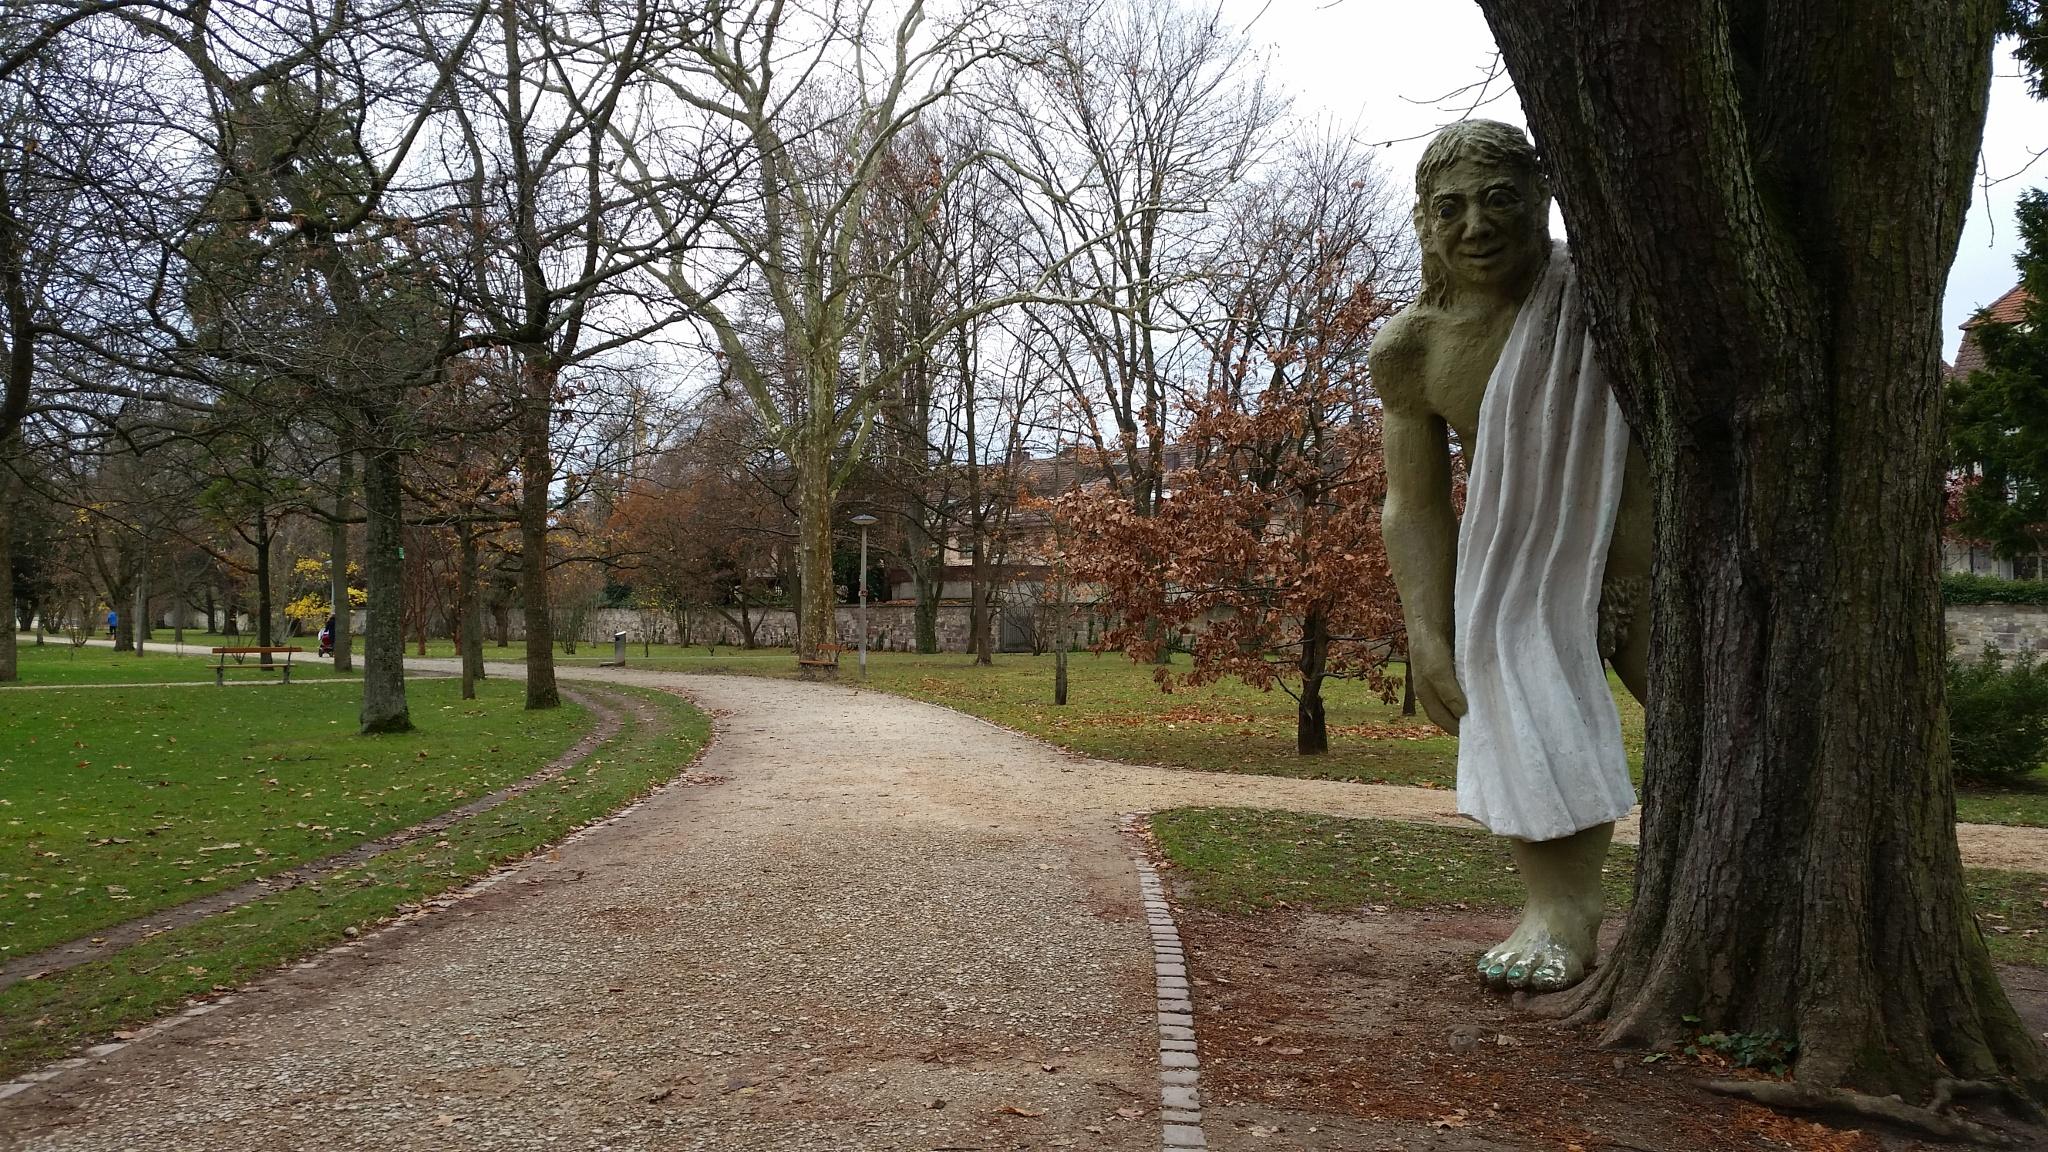 Mein bester Freund im Kannenfeldpark by percy ottinger